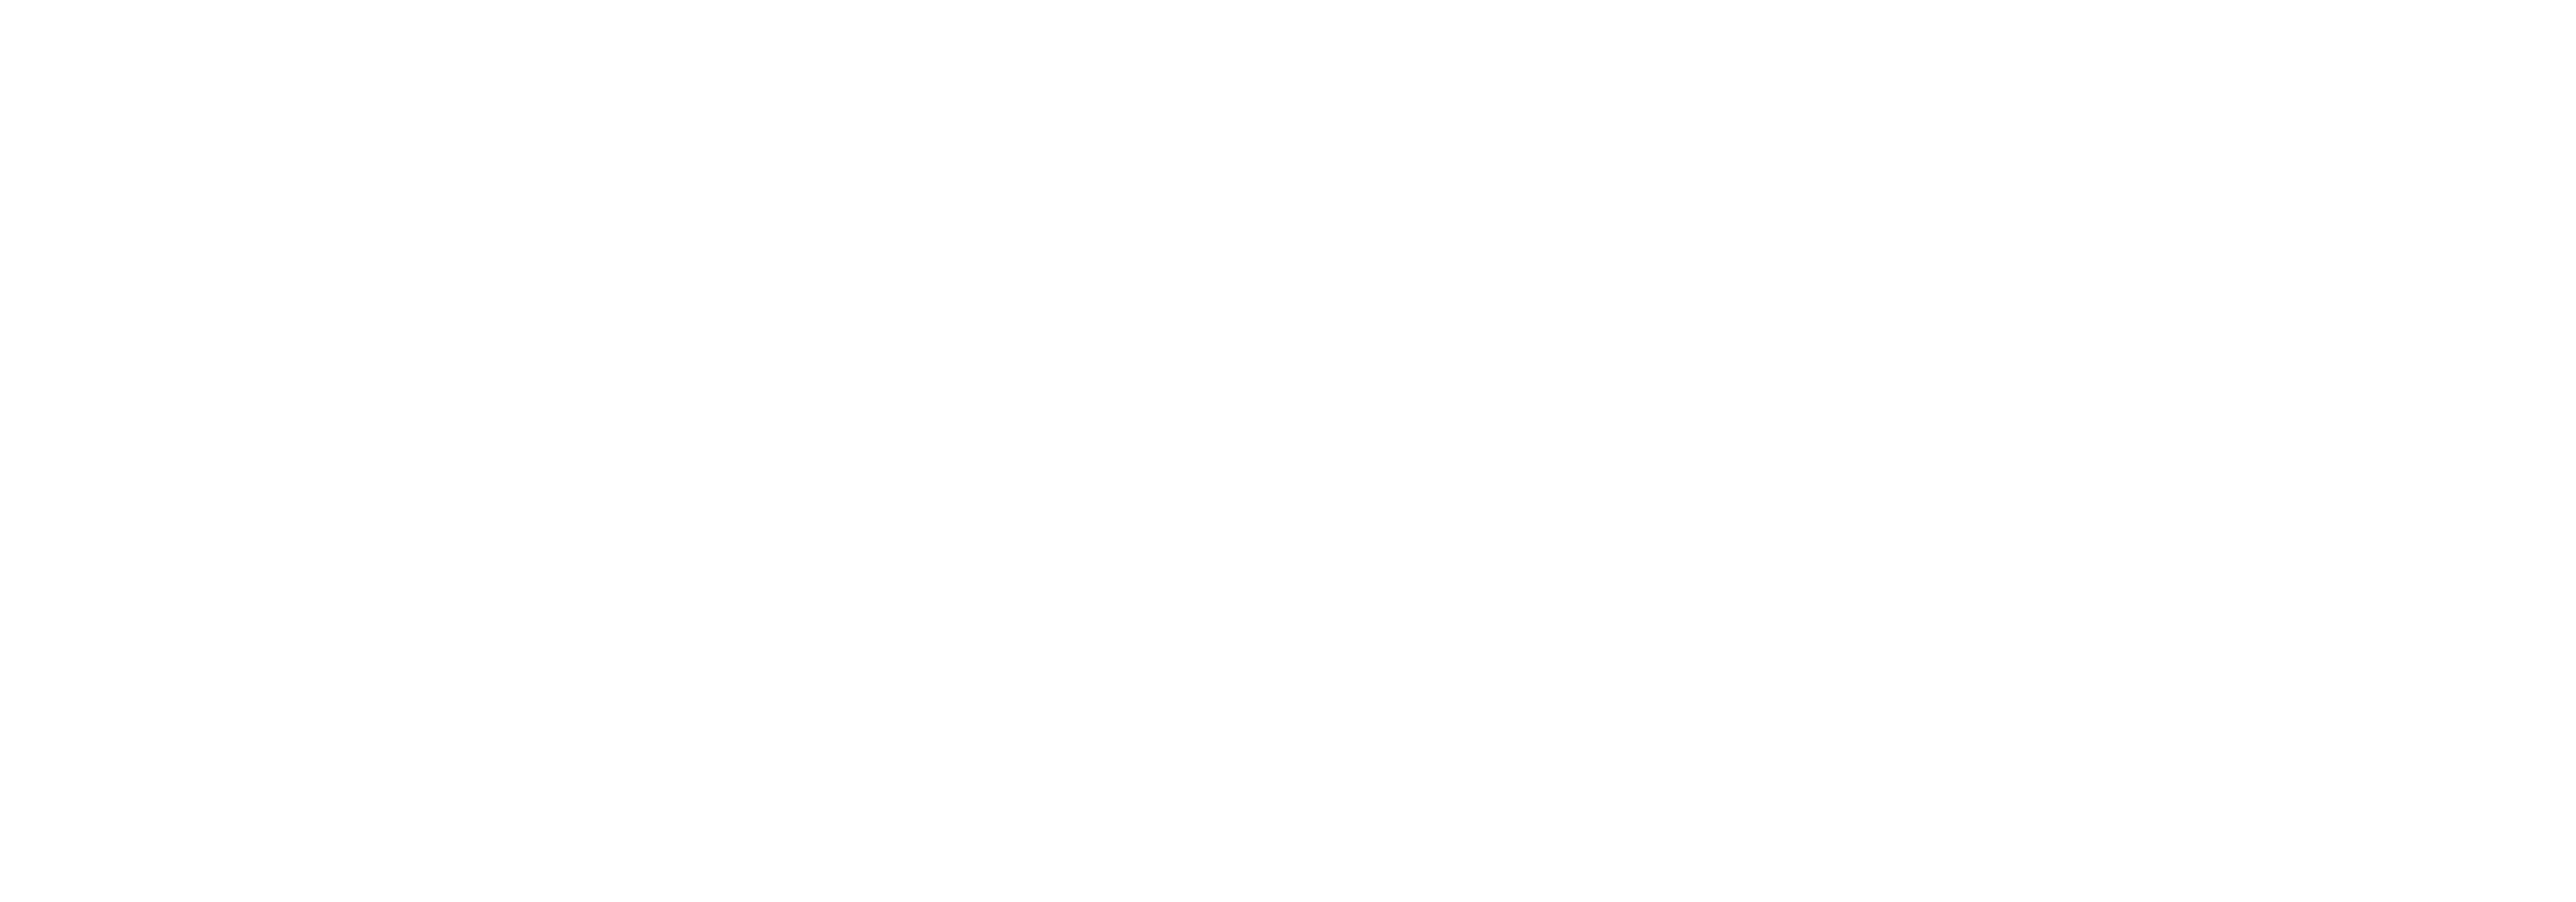 7 Armies Music